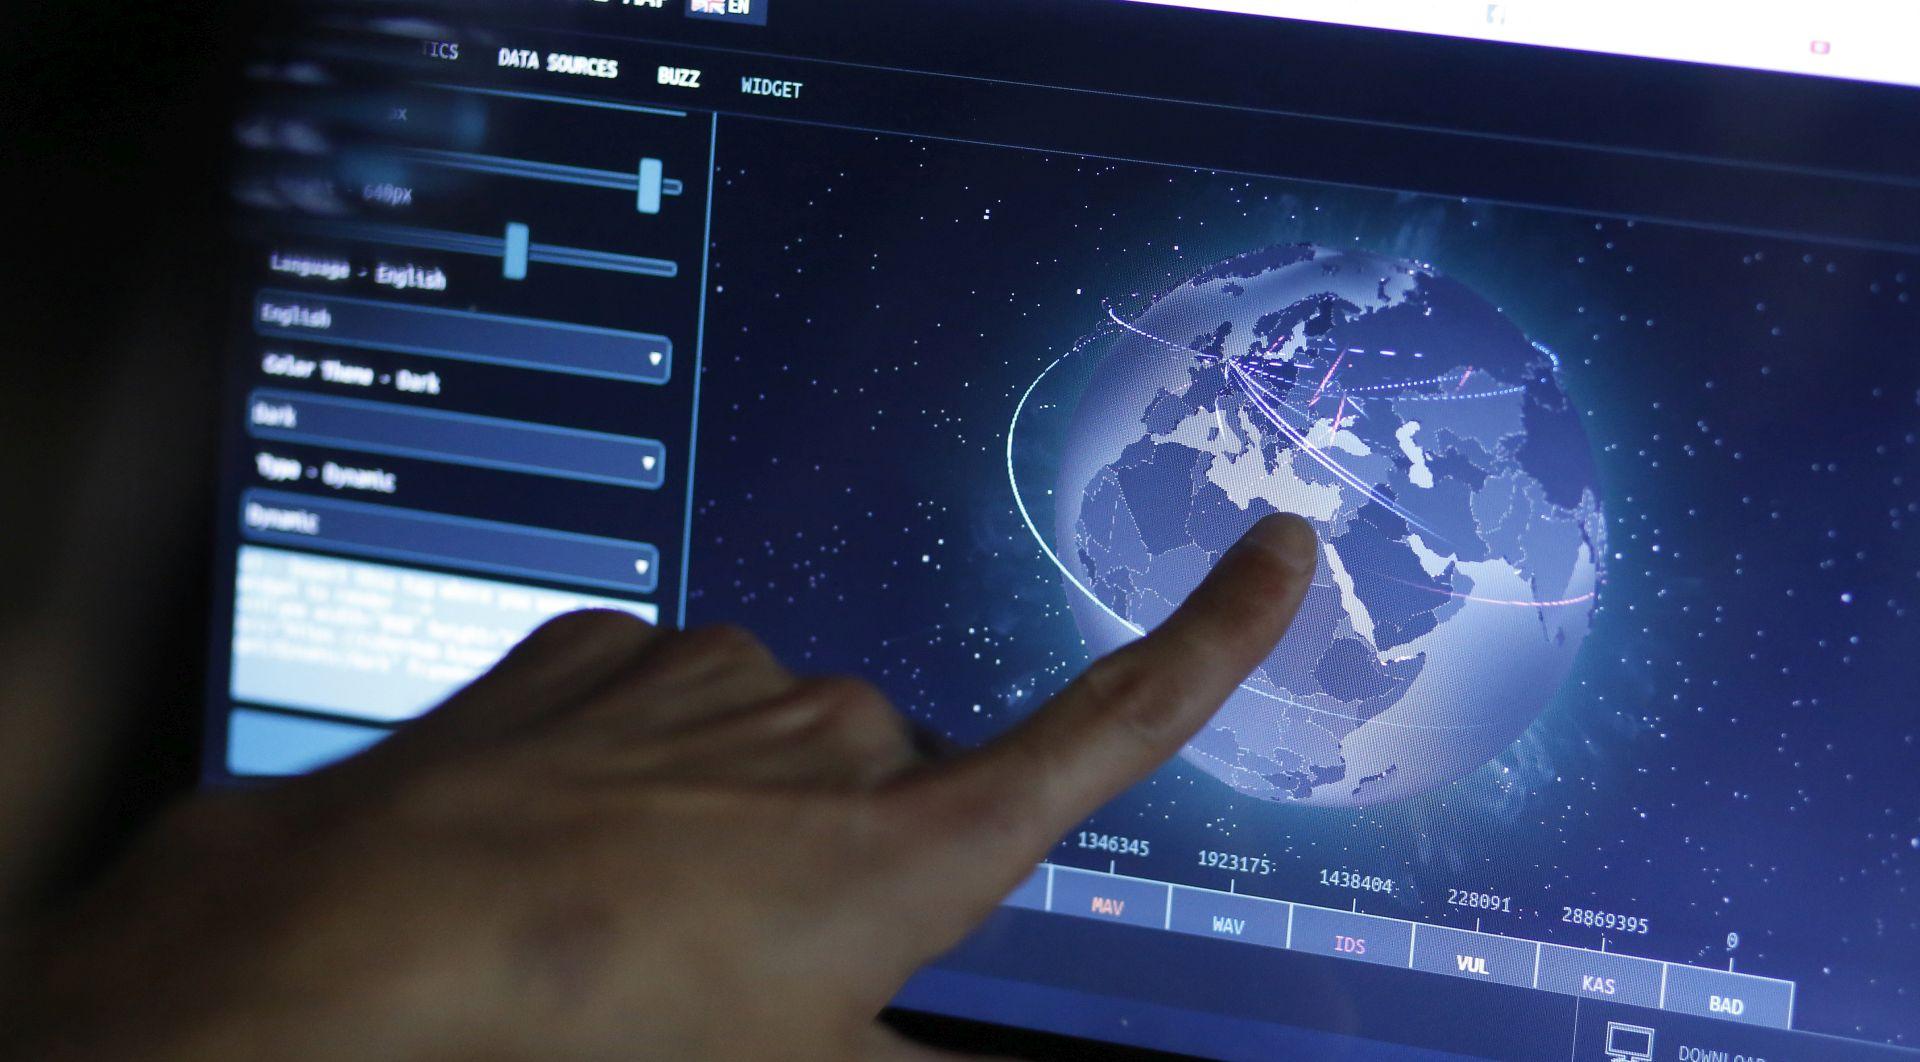 Ukrajina optužila Rusiju da stoji iza nedavnog kibernetičkog napada